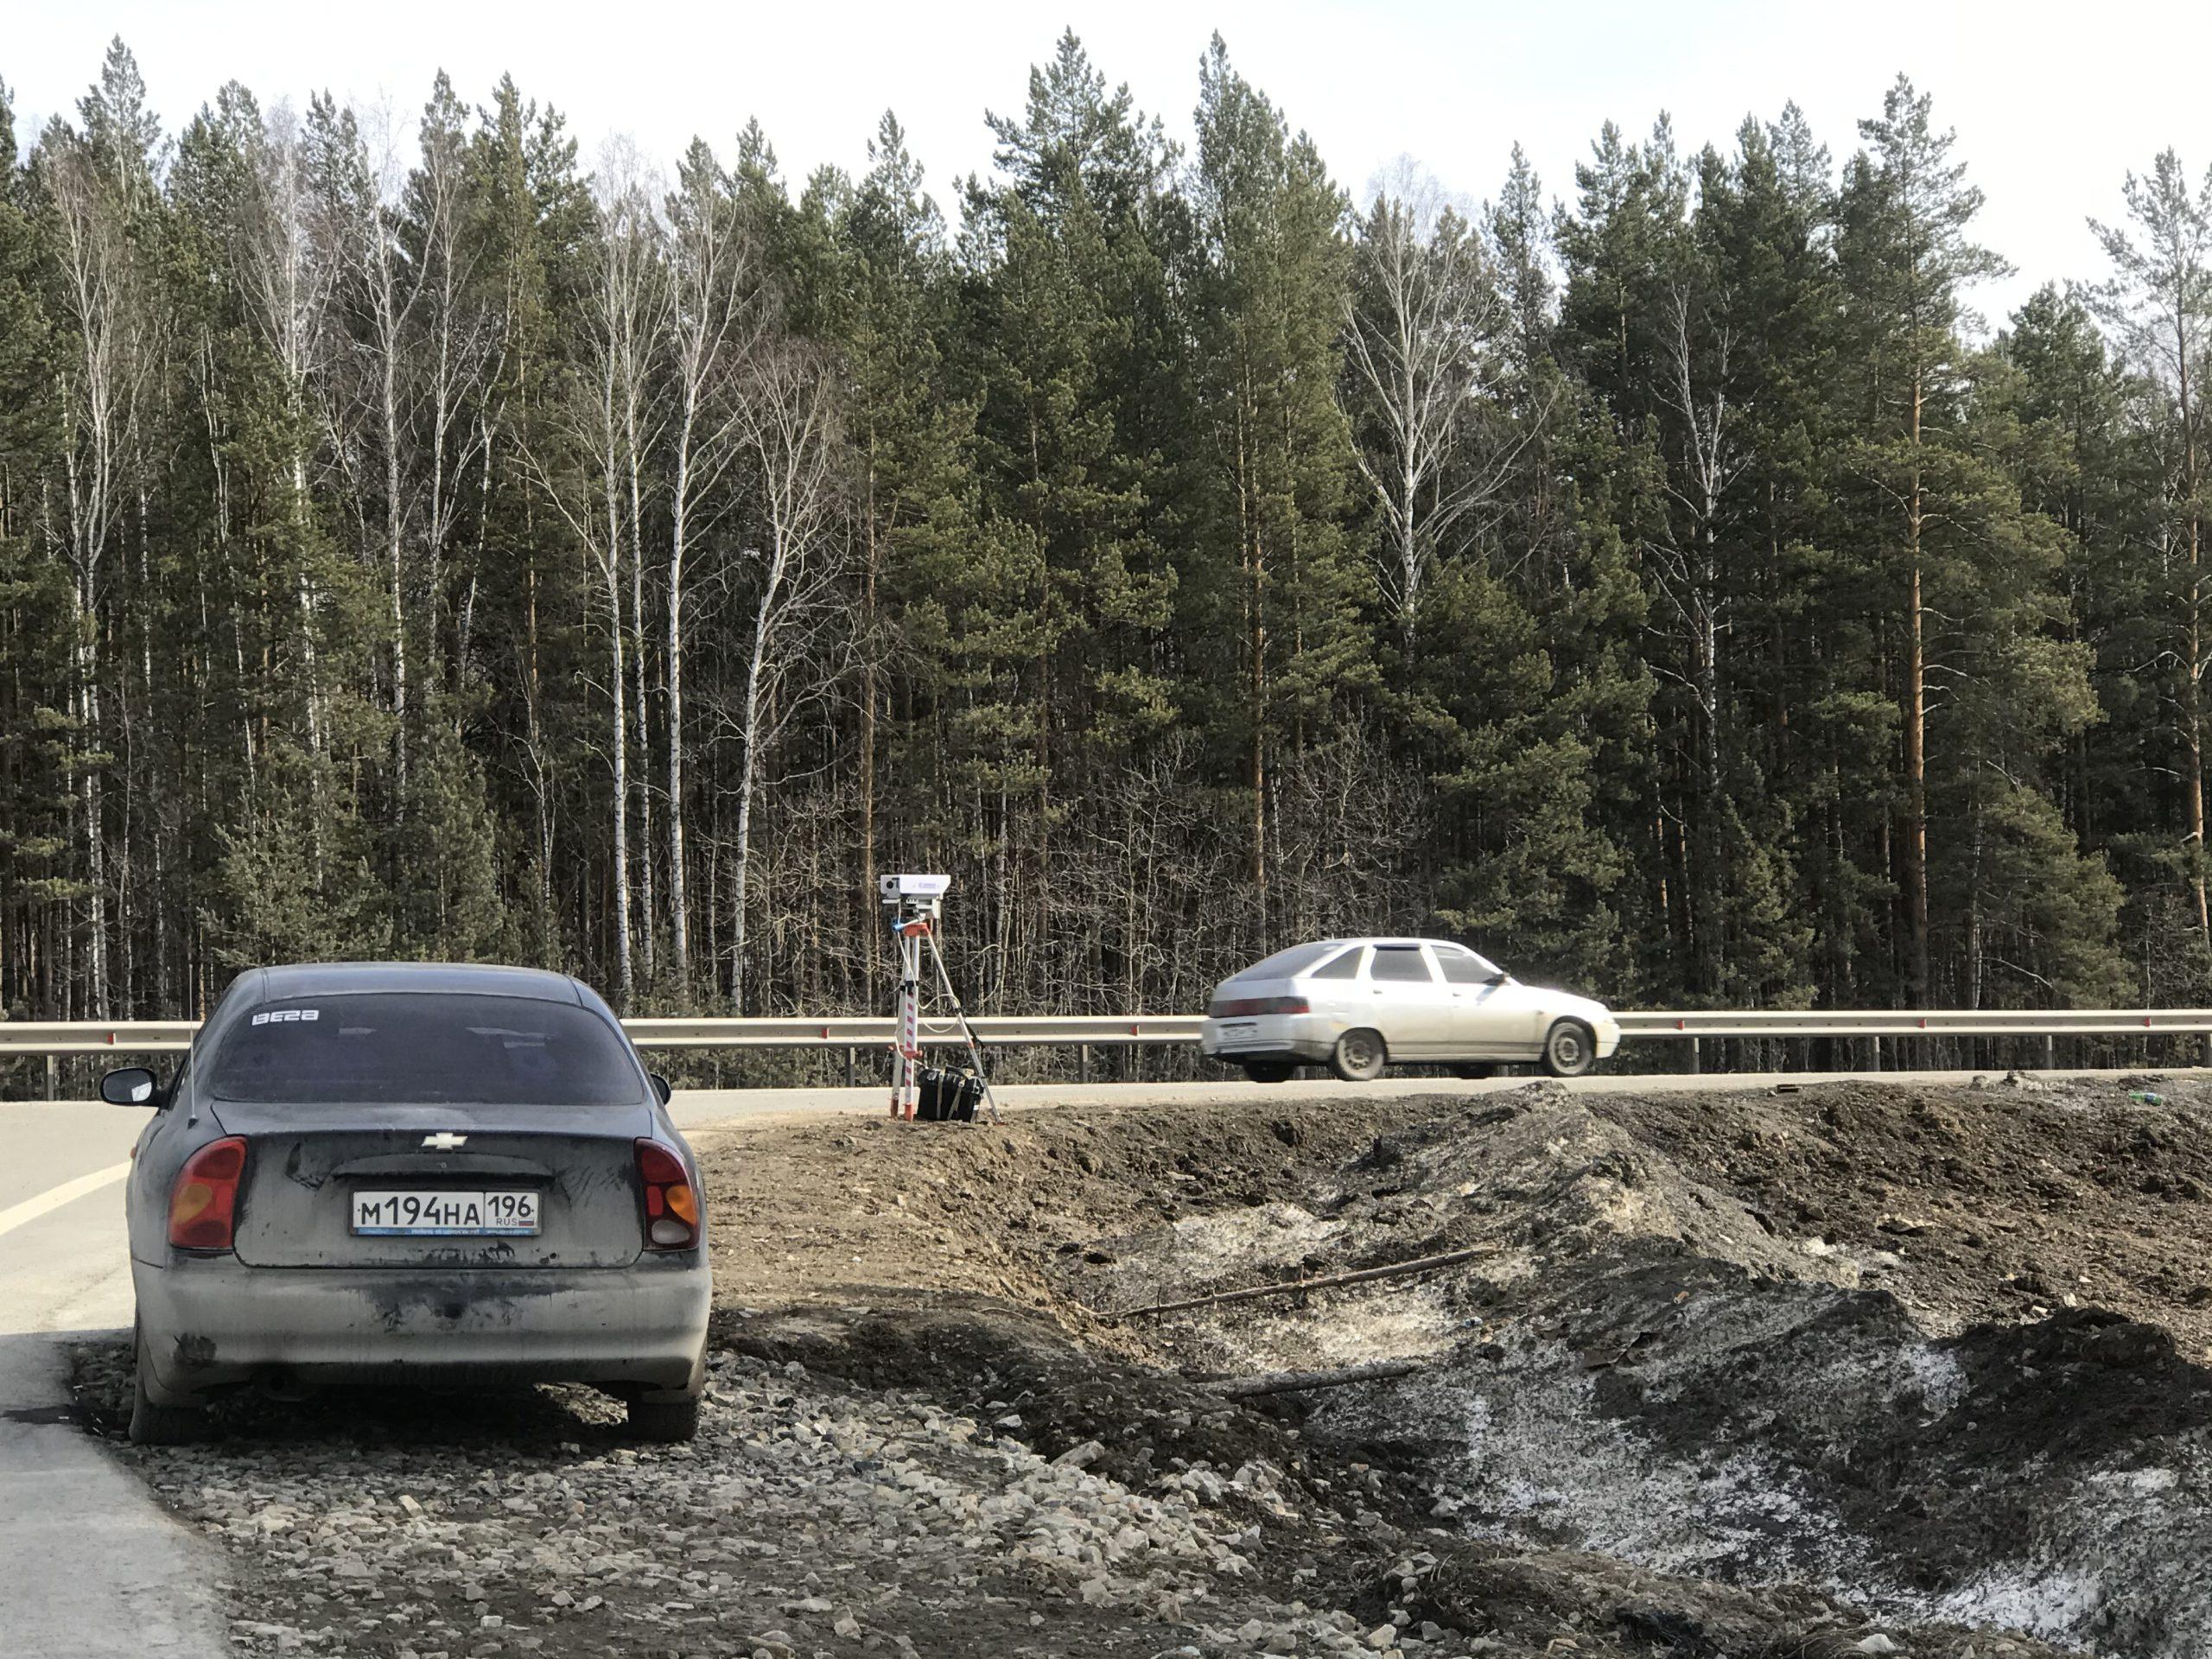 Частников предлагаю лишить камер, власти обязаны обеспечить скоростной режим на ОПАСНЫХ дорогах.